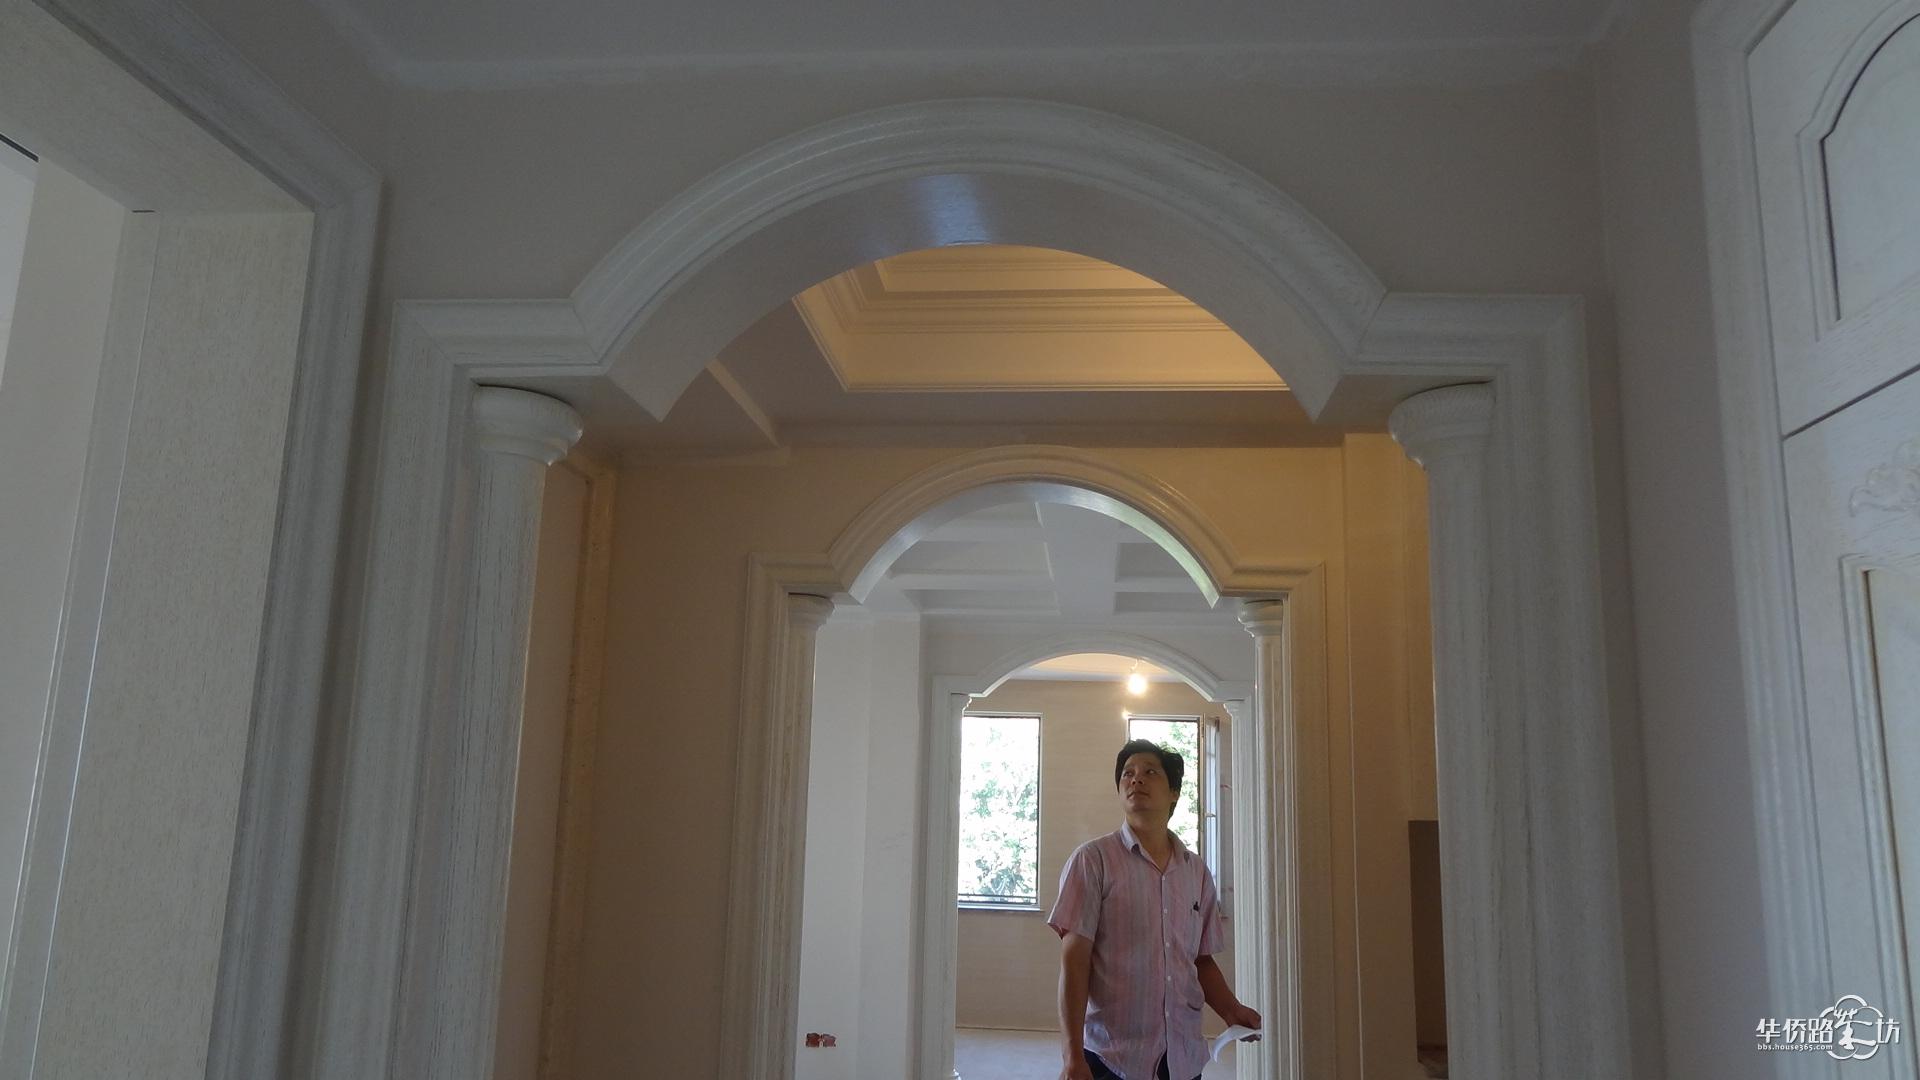 木门店面欧式罗马柱装修效果图